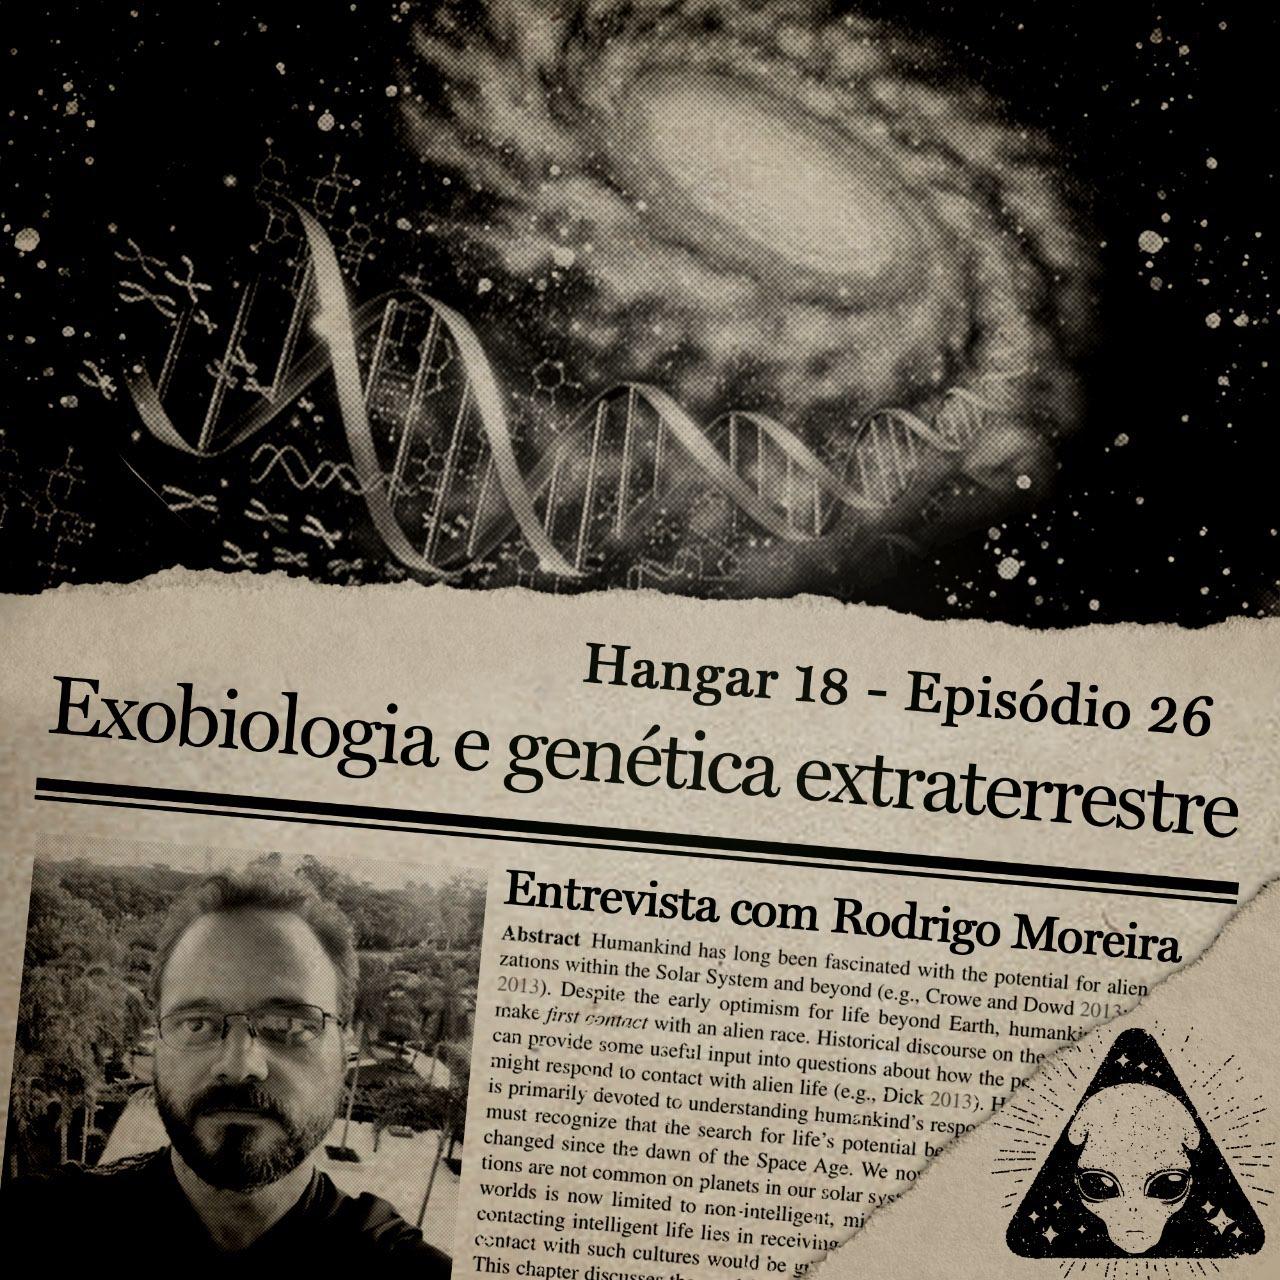 E26 Hangar 18 - Ep 026 - Exobiologia e Genética Extraterrestre